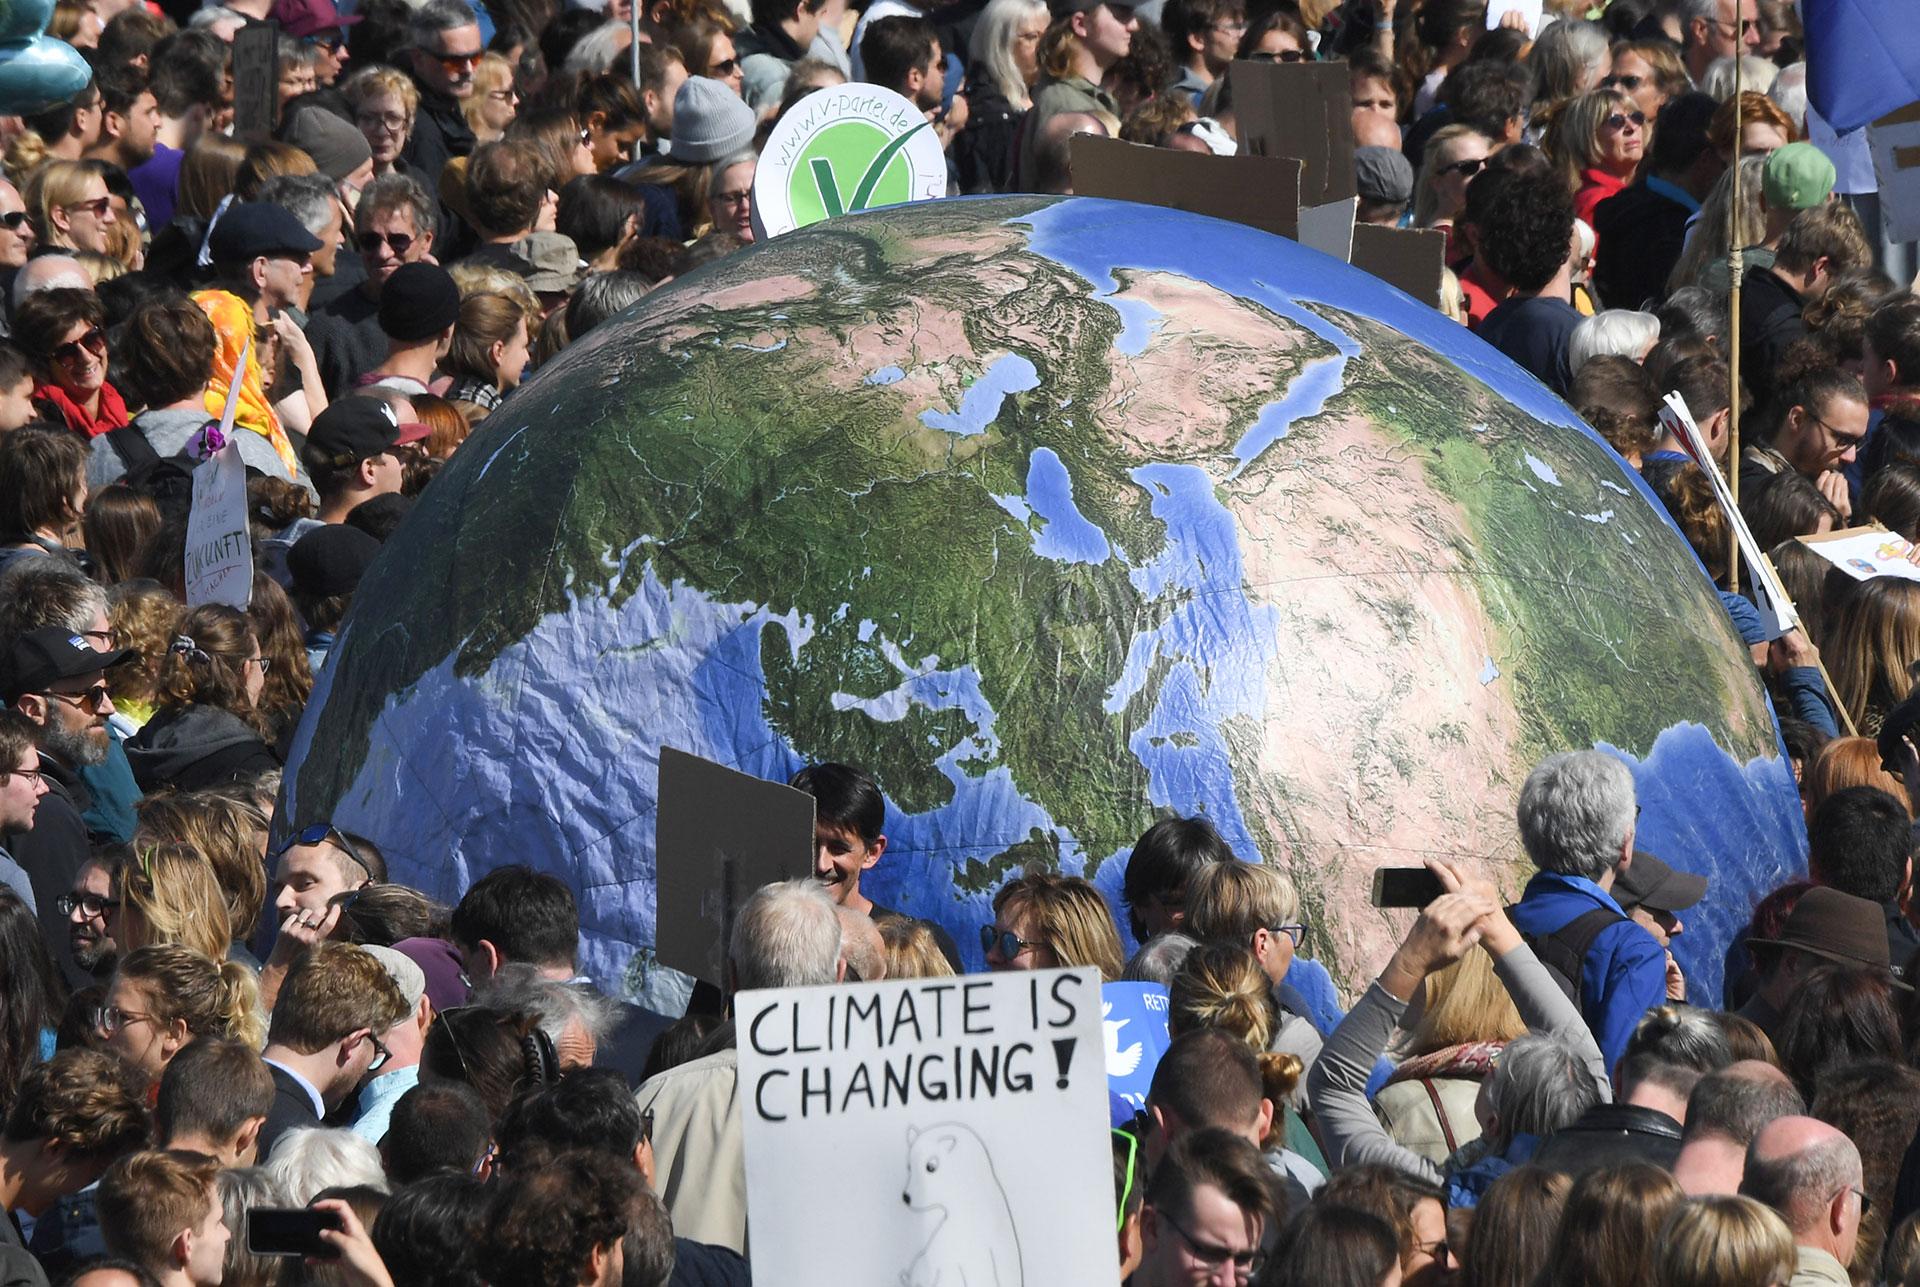 """Jóvenes con un globo terráqueo participaron en la manifestación """"Viernes por el Futuro"""" en Munich, al sur de Alemania (Foto de Christof STACHE / AFP)"""